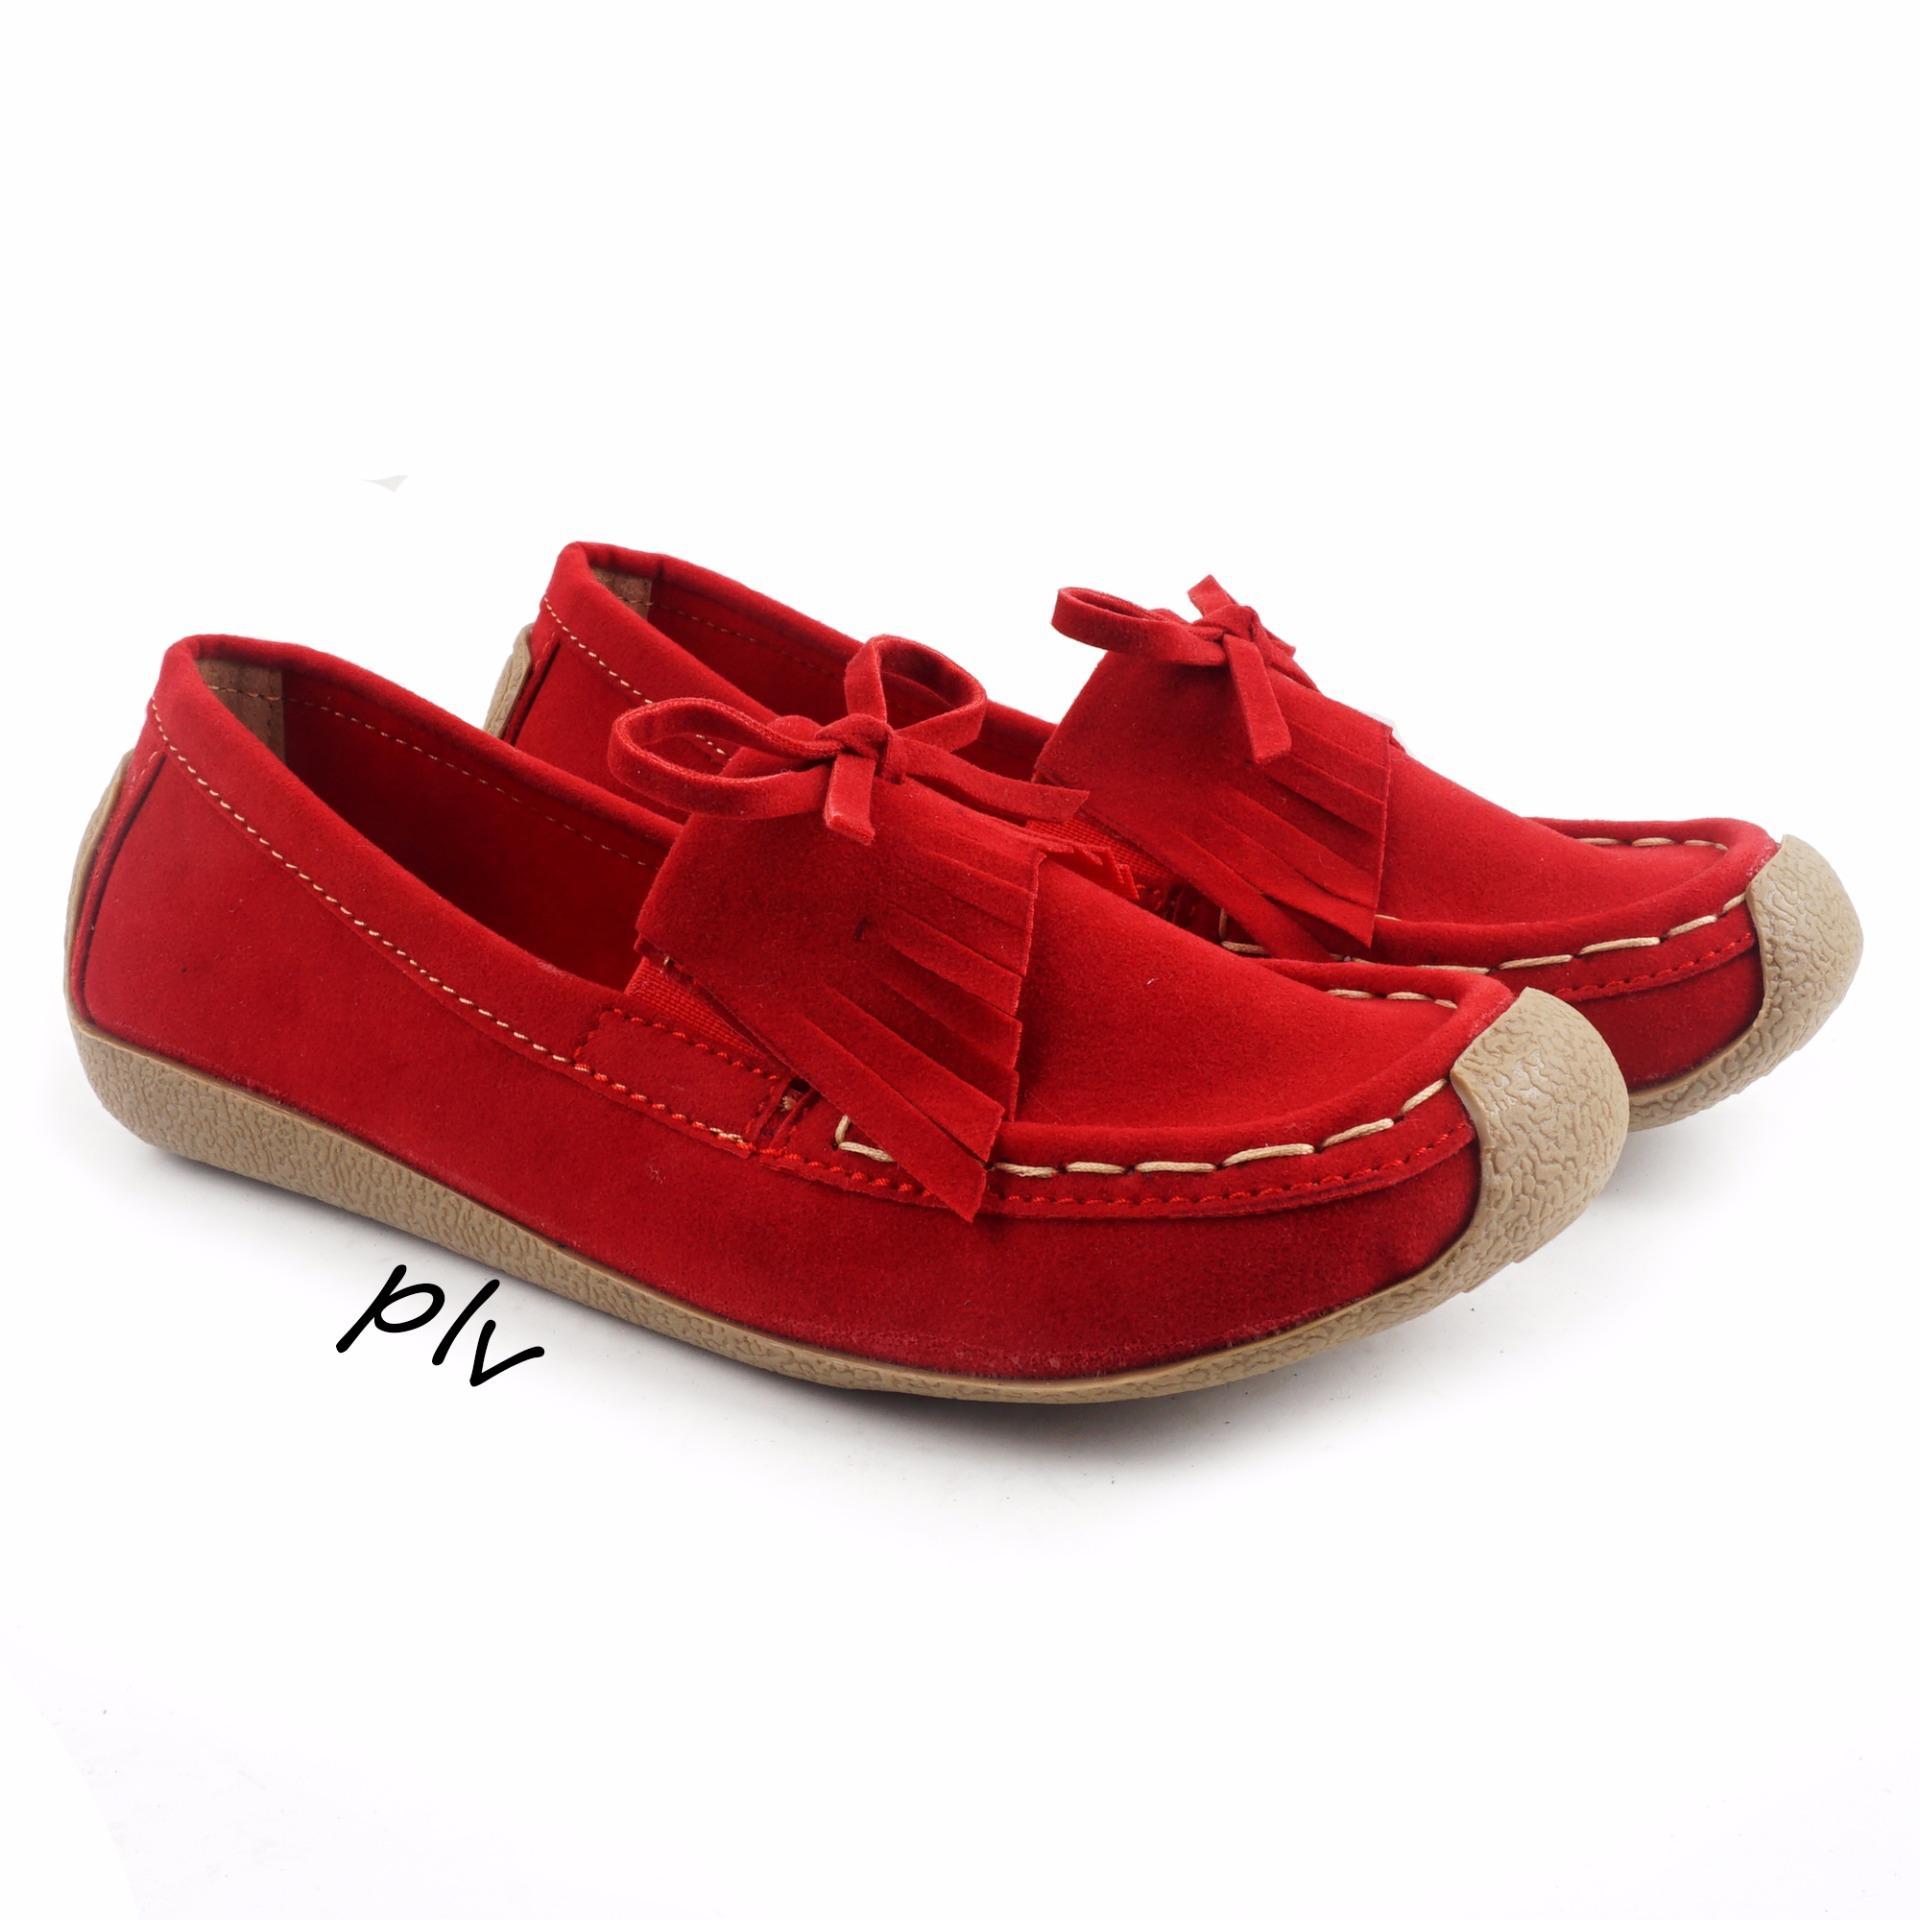 Harga Pluvia Sepatu Flat Shoes Loafers Wanita Us103 Merah Terbaik